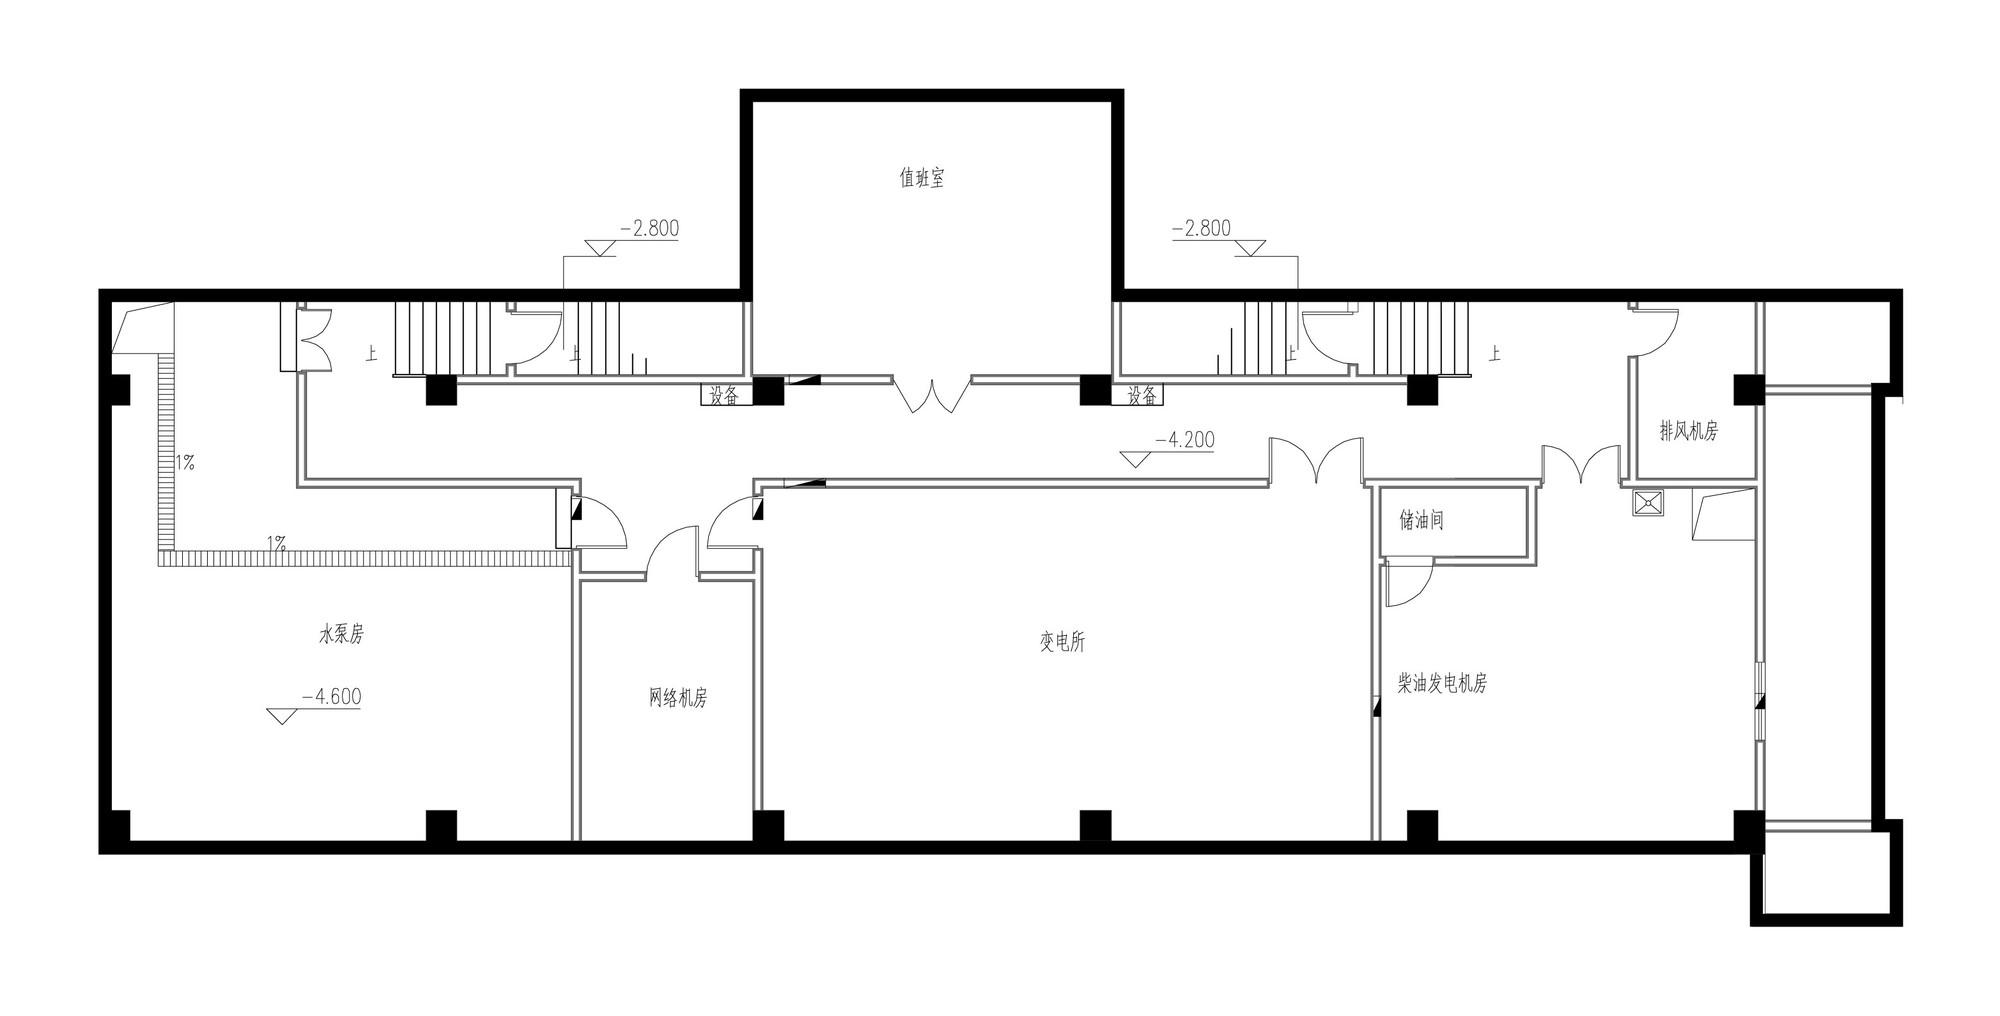 Design A Floor Plan Gallery Of Heritage Park Of Qin Er Shi Mausoleum Lacime